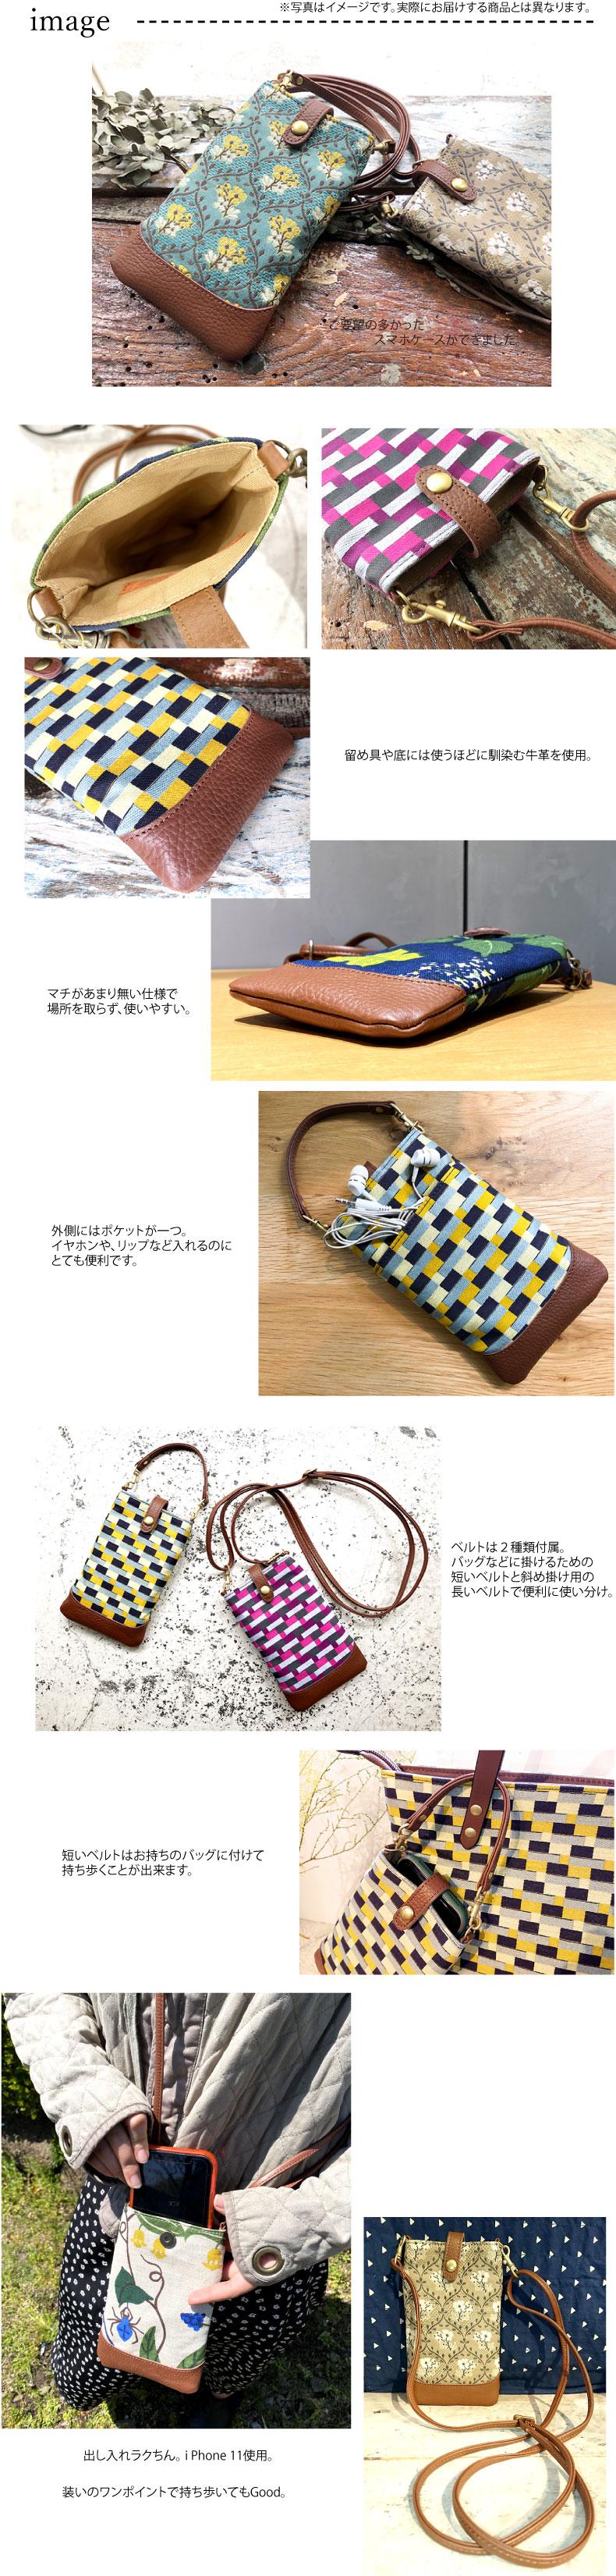 casal_smartphone005_detail.jpg